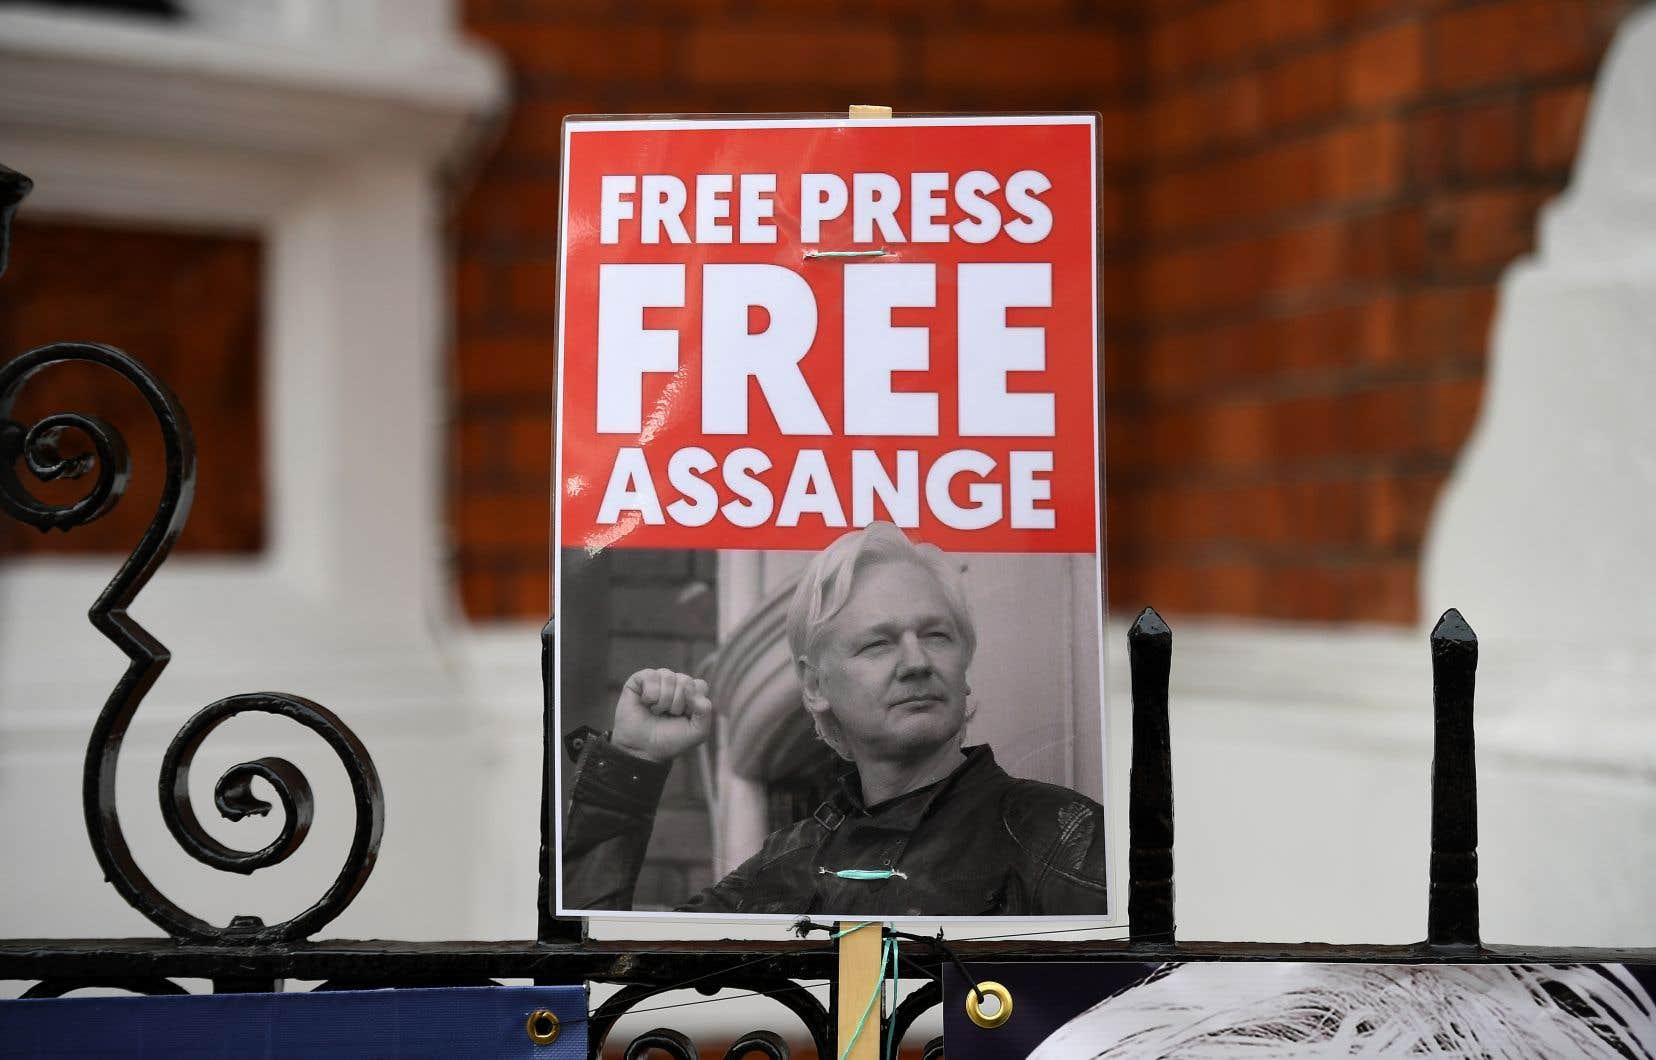 Début avril, alors que les rumeurs d'extradition circulaient, des manifestations de soutien à Julian Assange ont eu lieu devant l'ambassade d'Équateur à Londres.